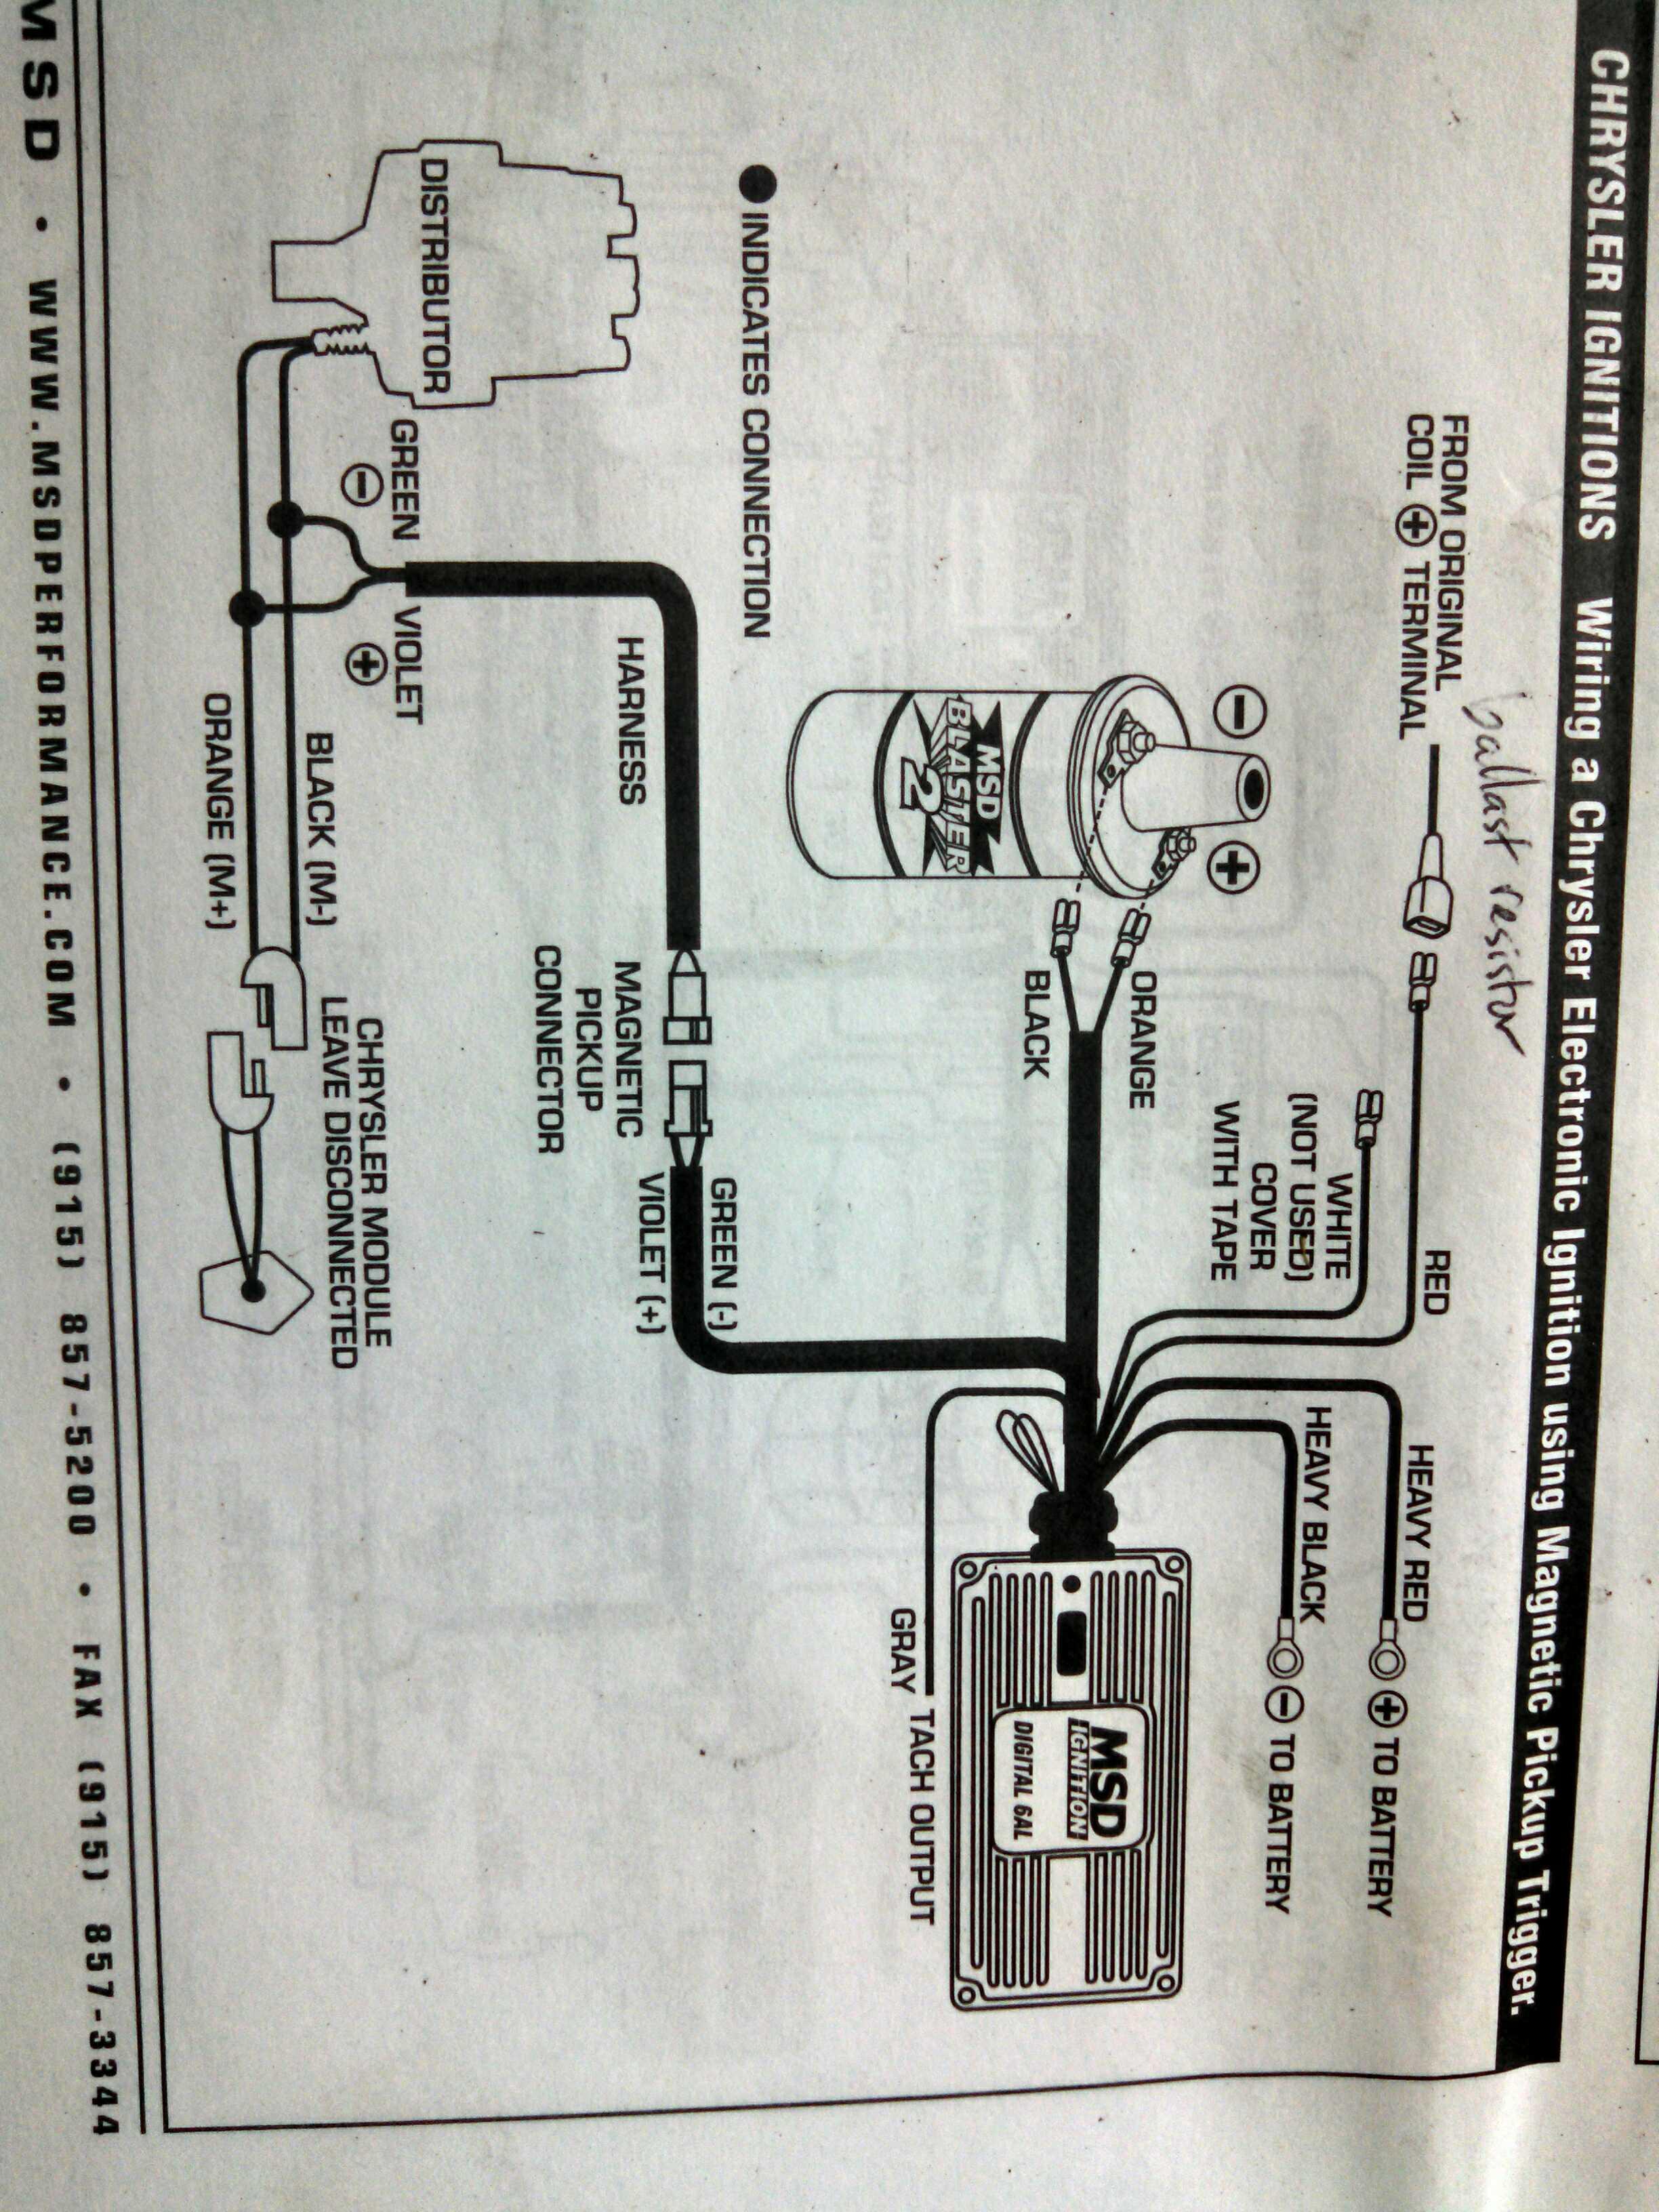 msd tach adapter wiring diagram mopar msd tach adaptor moparts forums  msd tach adaptor moparts forums